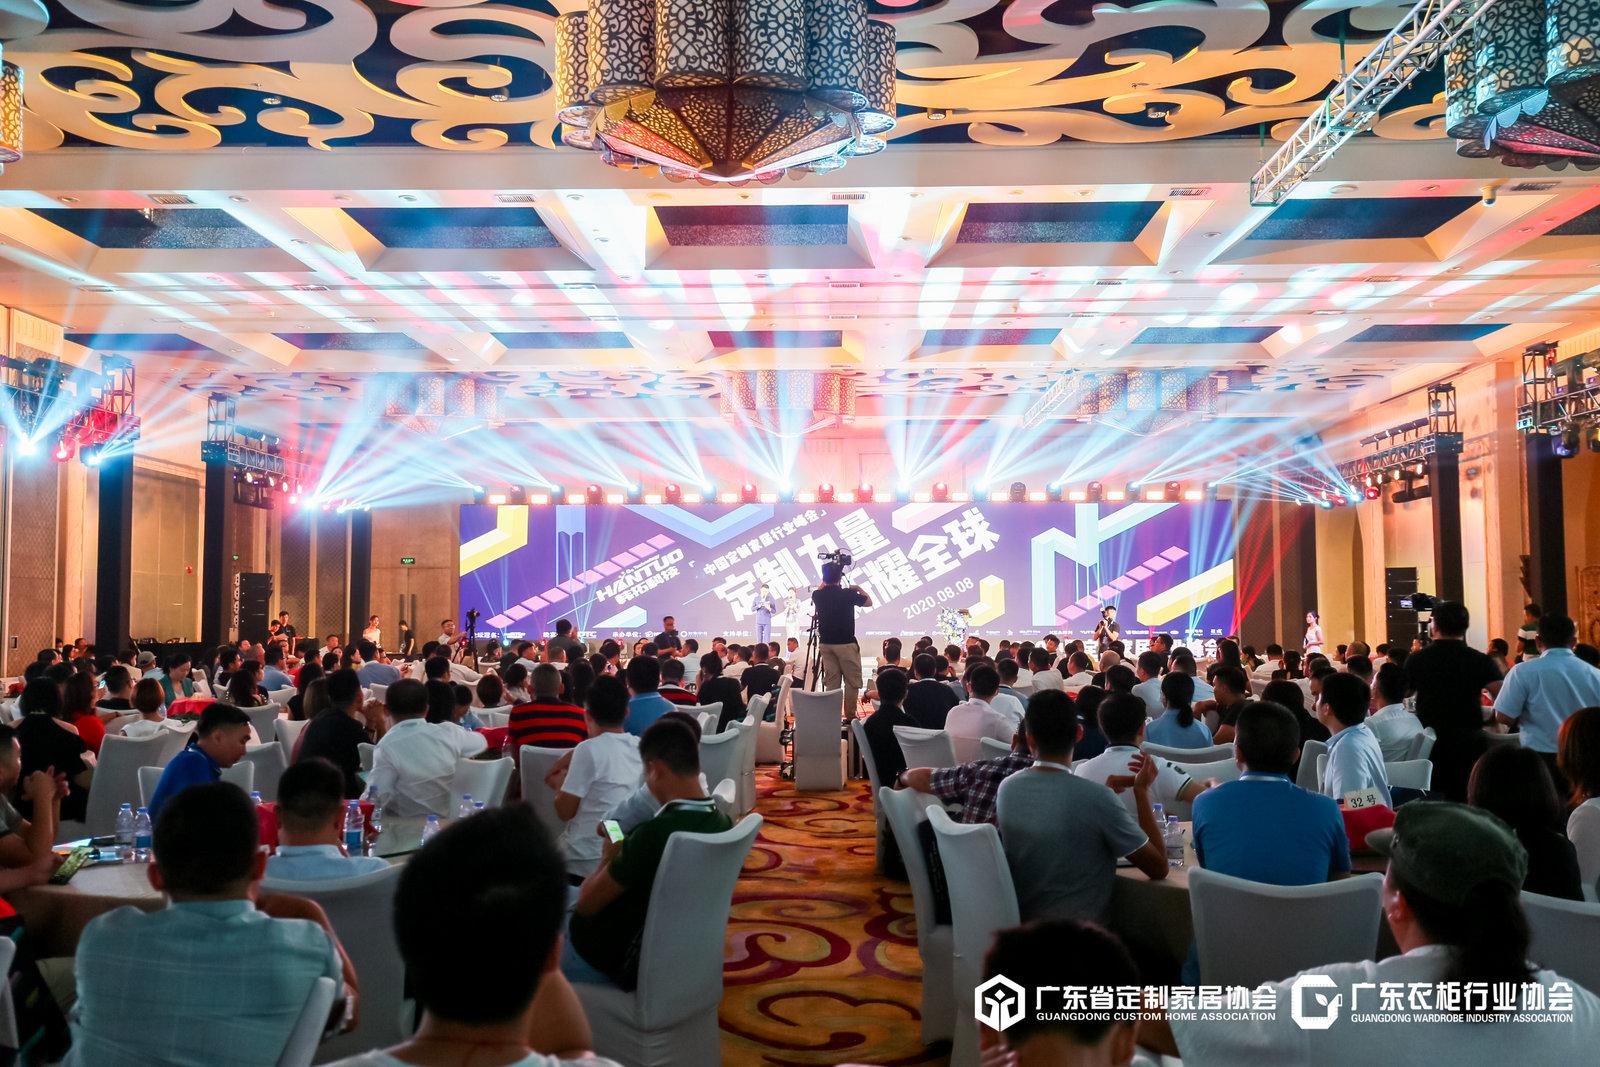 【热点速递】定制力量・新耀全球 | 2020中国定制家居行